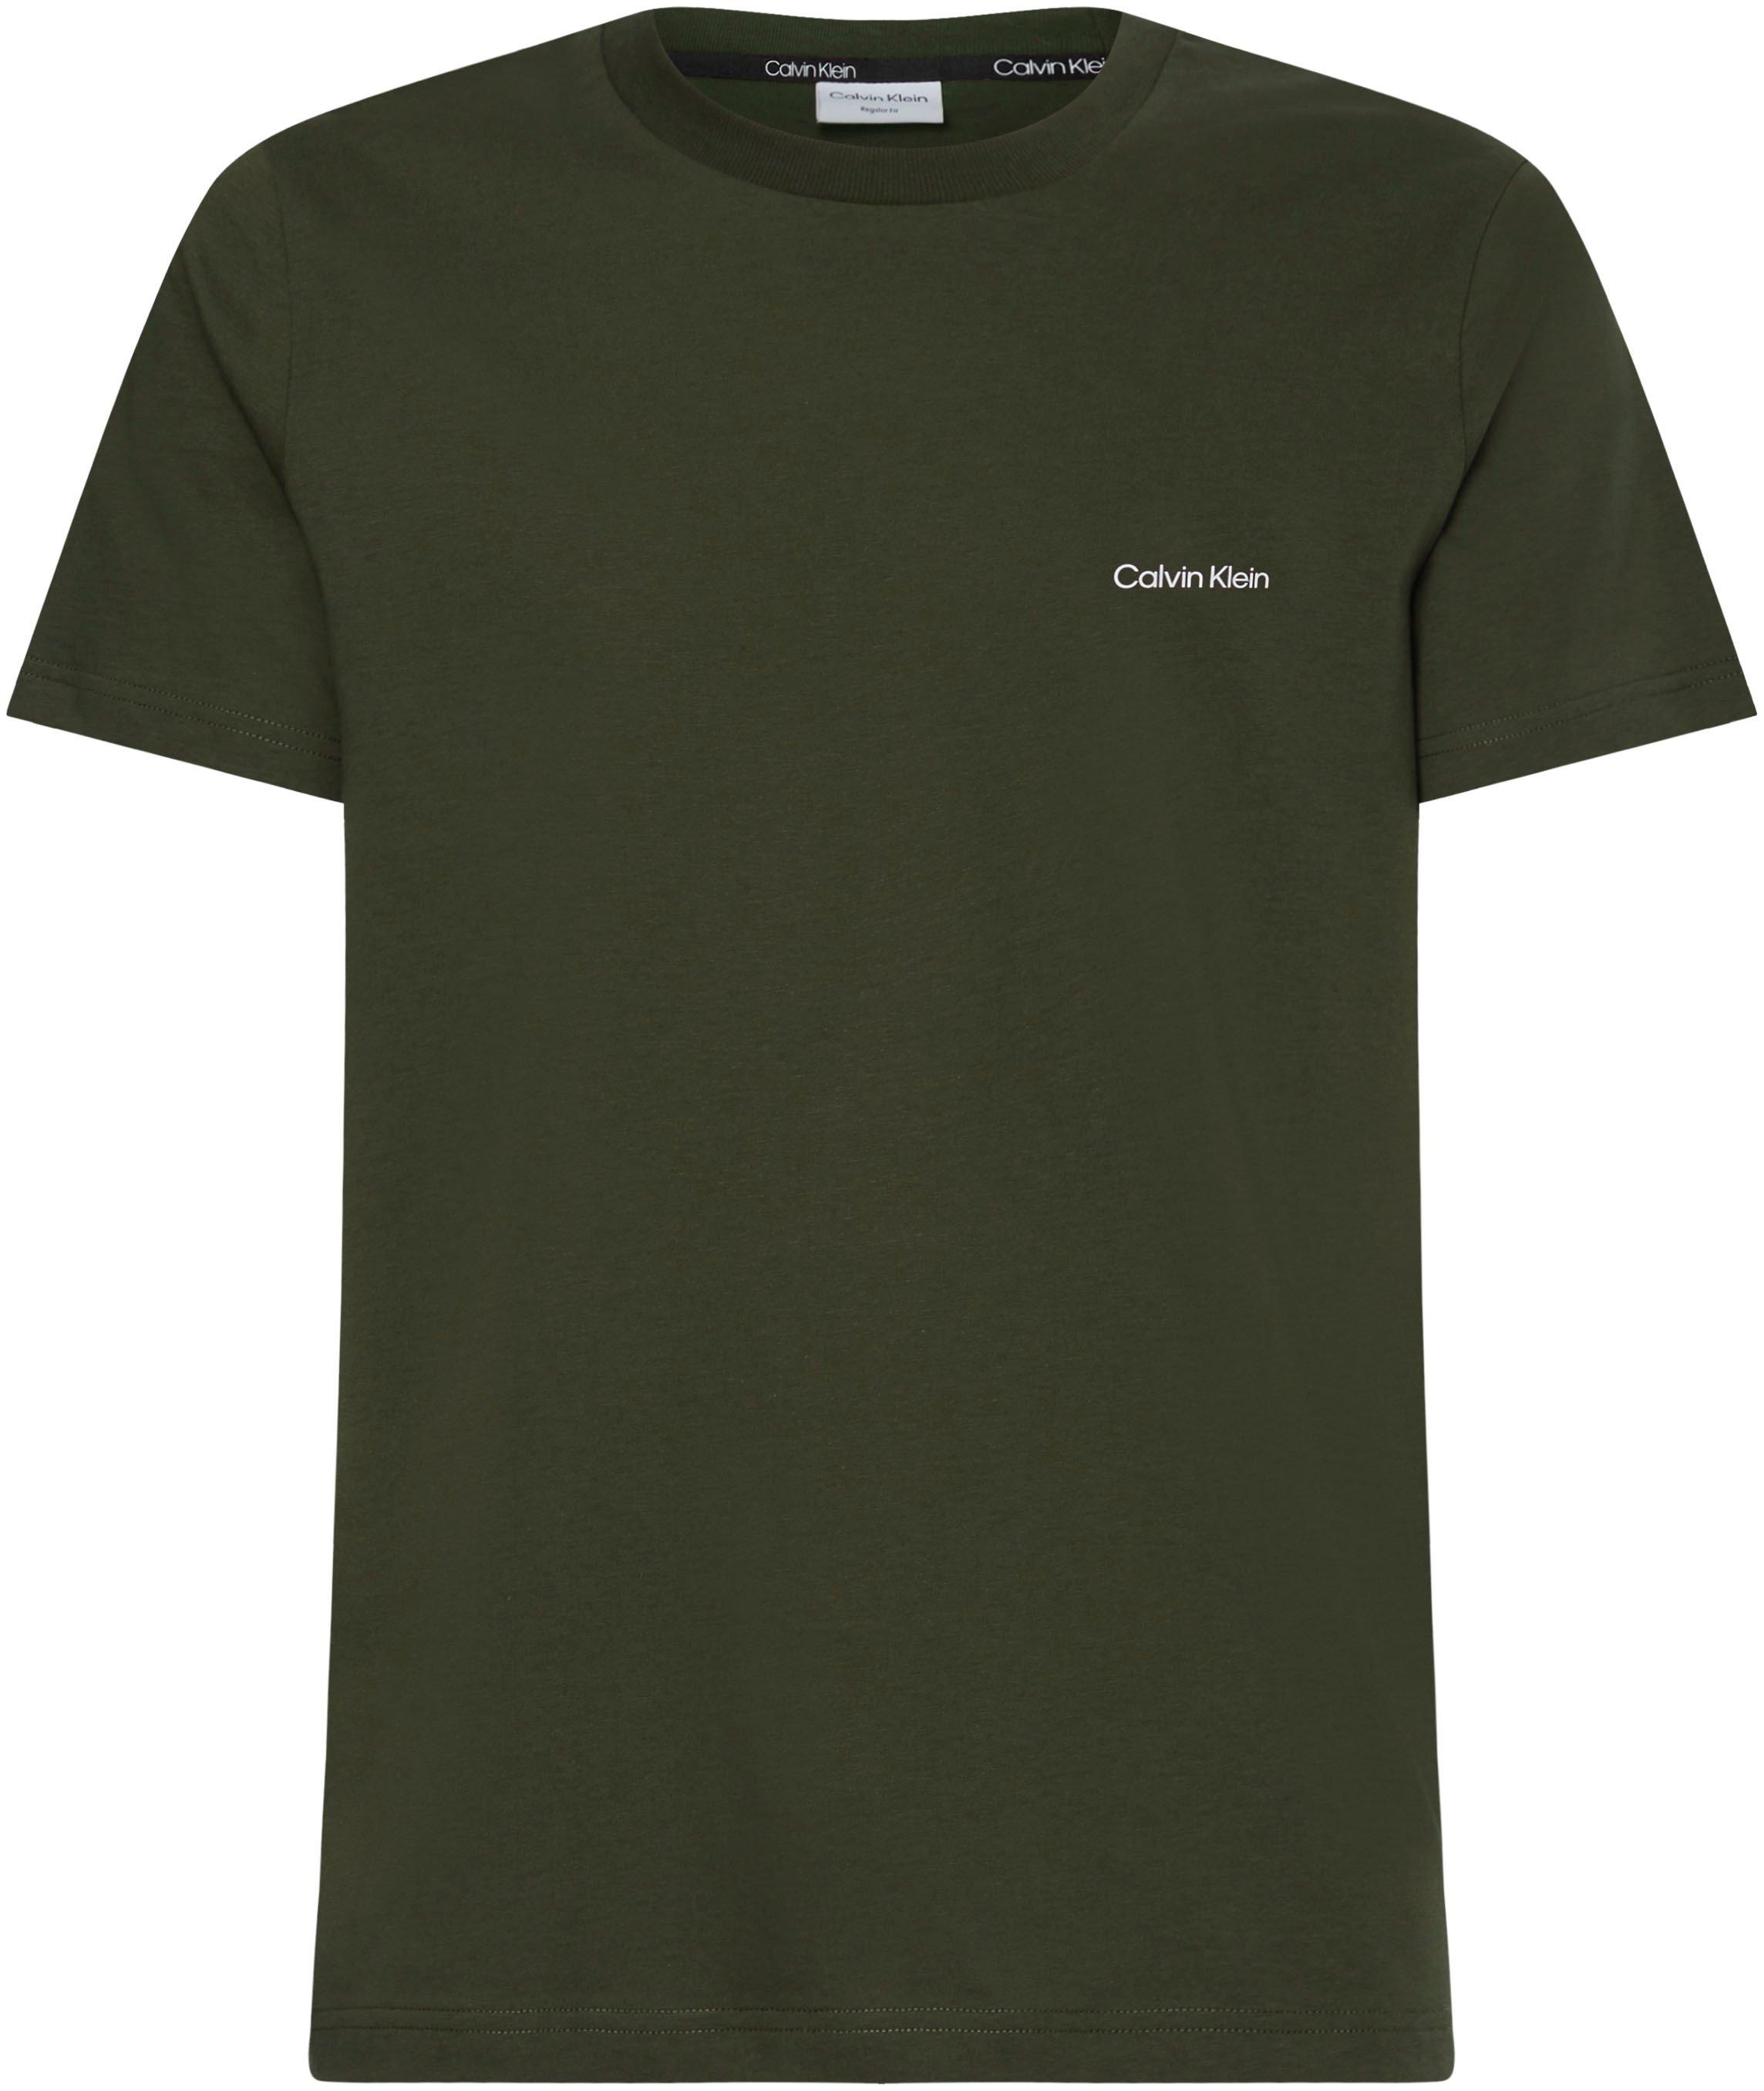 Calvin Klein T-shirt COTTON CHEST LOGO klein calvin klein-opschrift goedkoop op otto.nl kopen